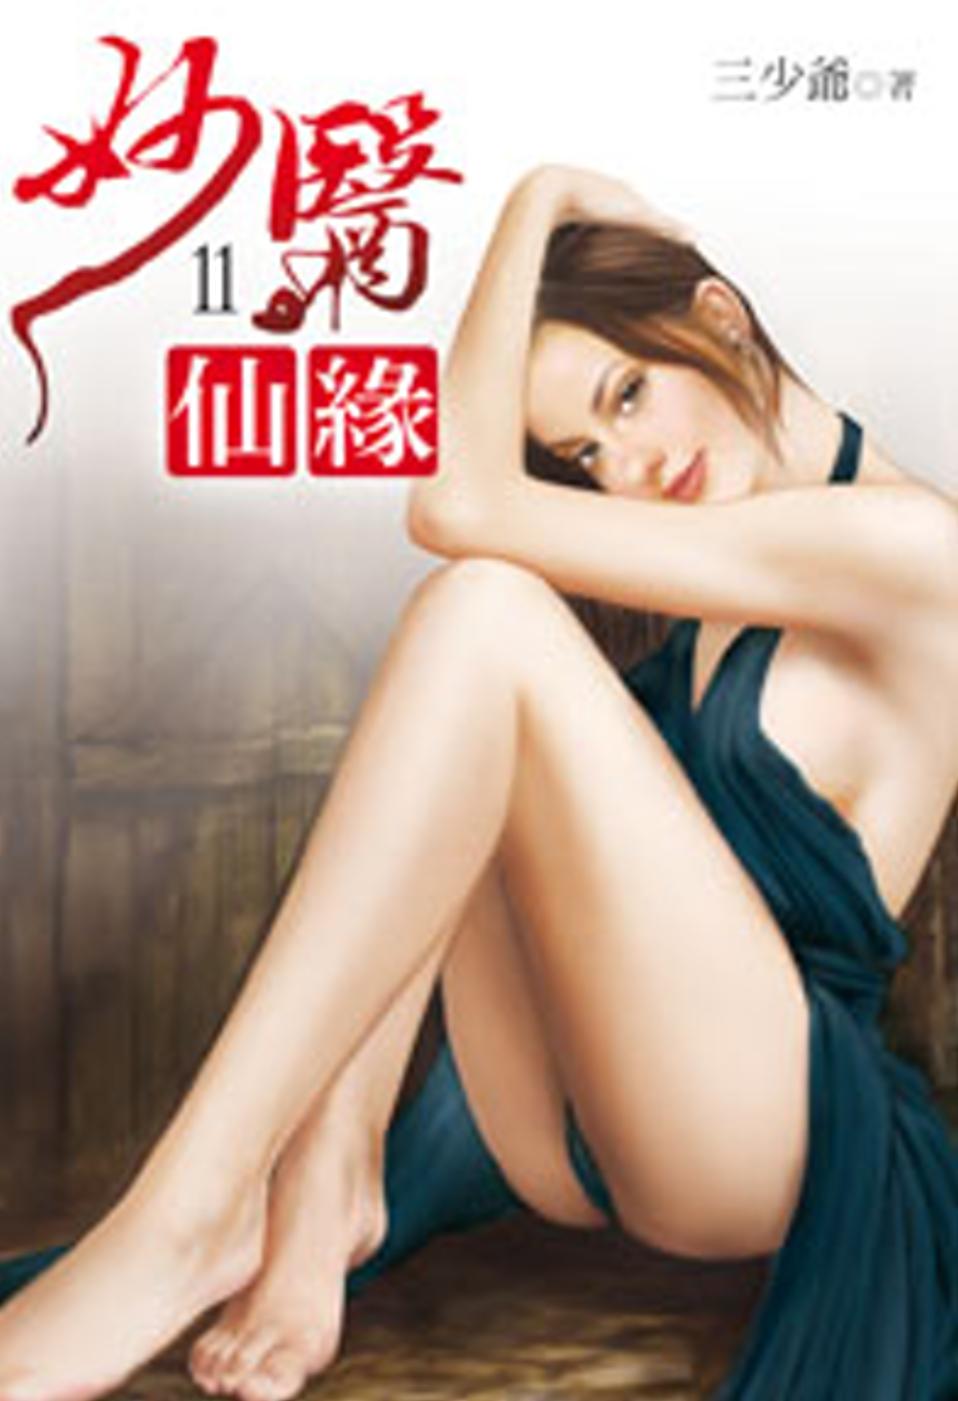 妙醫仙緣11